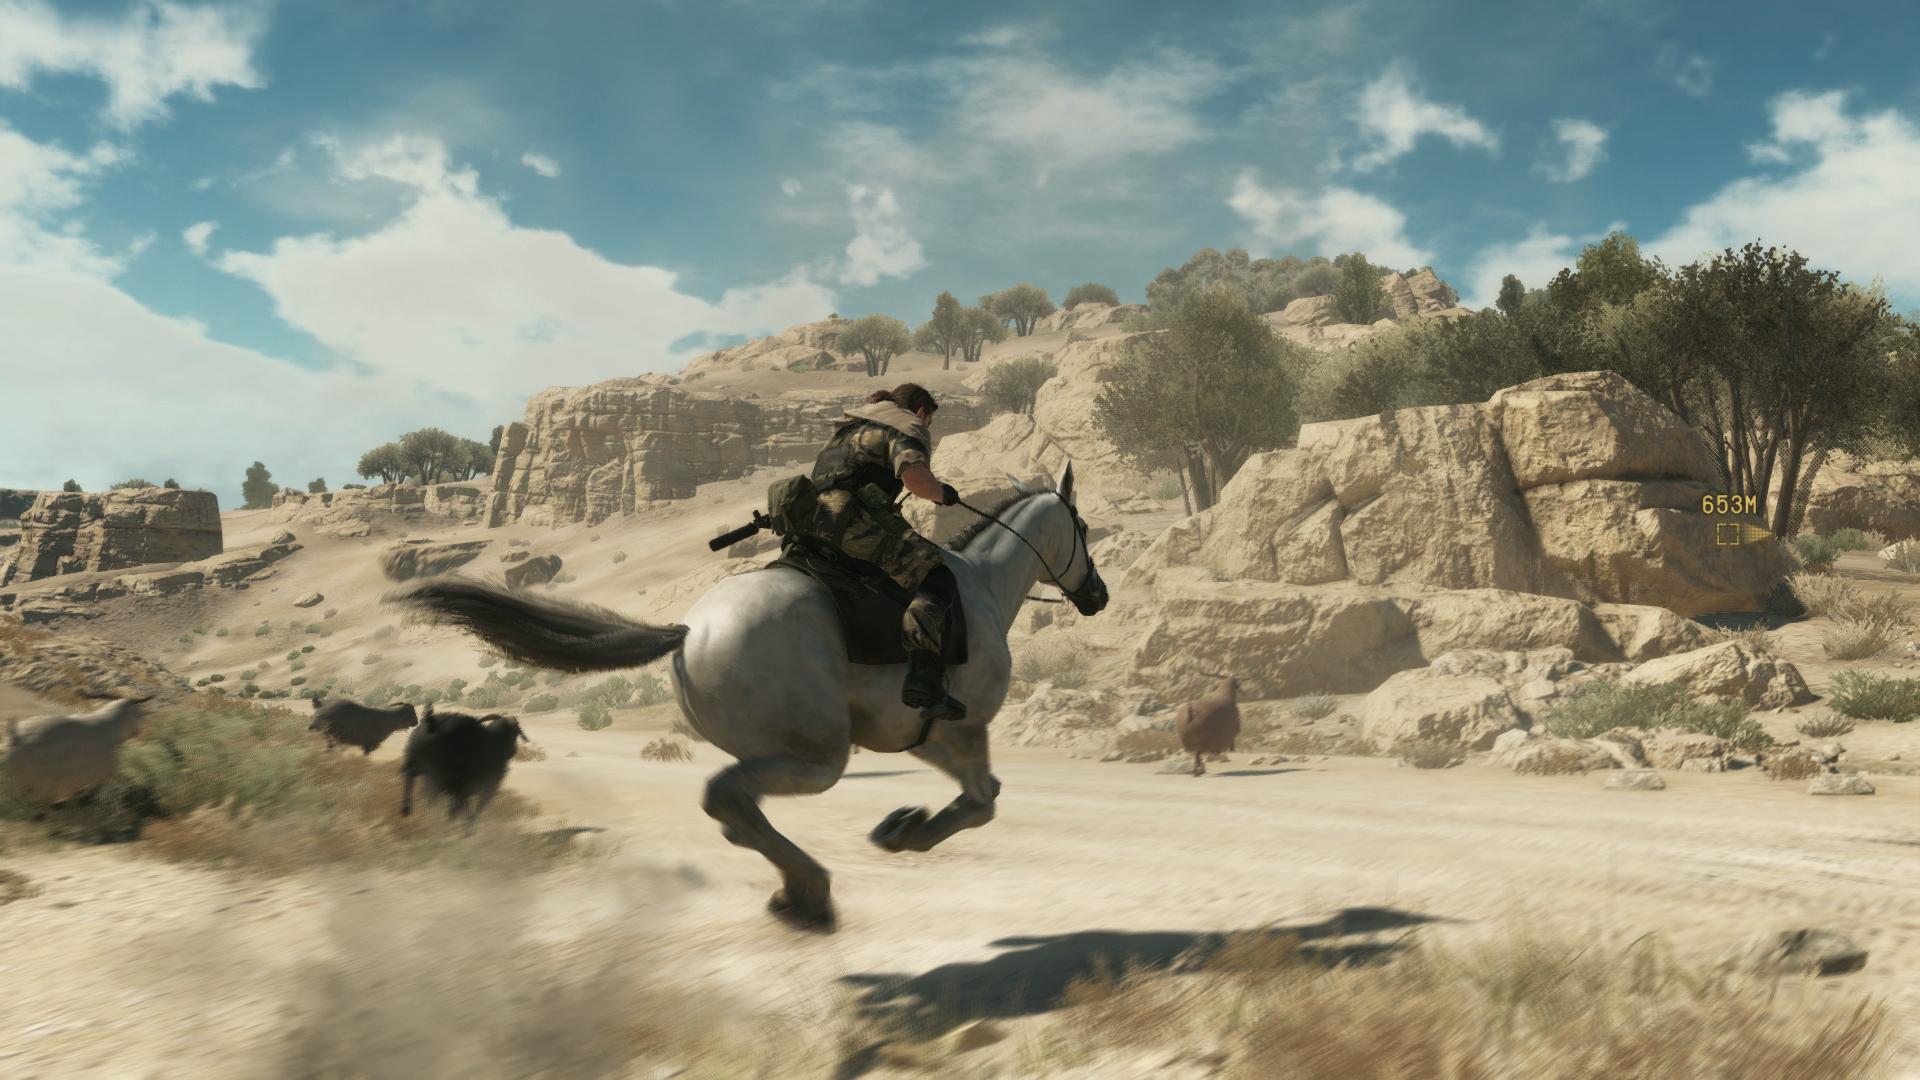 Link Tải Game Metal Gear Solid V The Phantom Pain Miễn Phí Thành Công